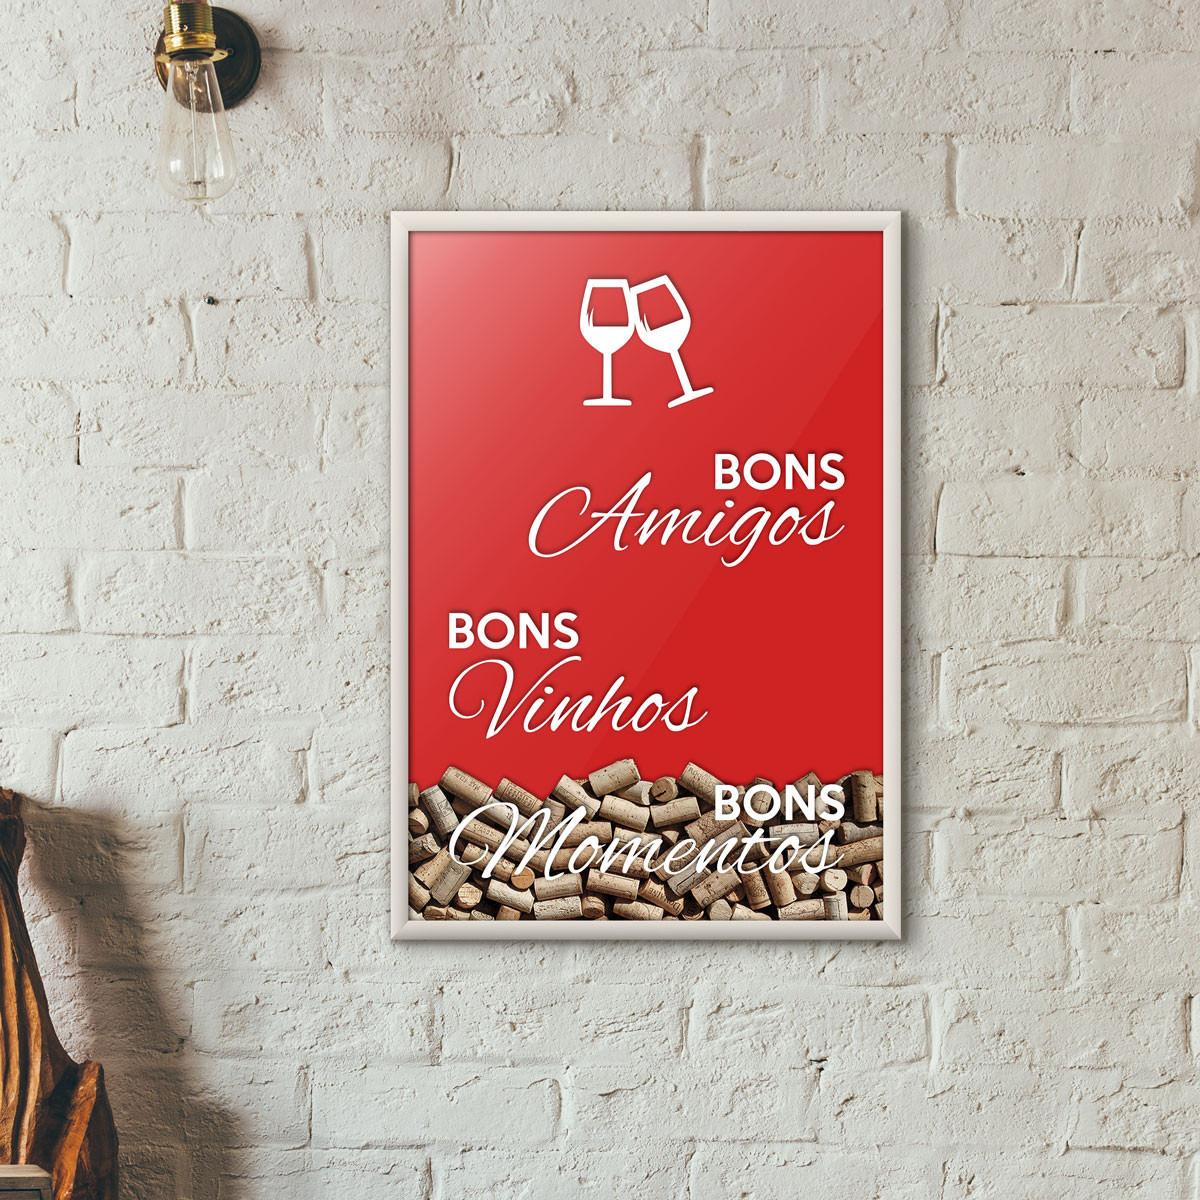 """Quadro Porta Rolhas de Vinho - """"Bons Amigos Bons Vinhos Bons Momentos"""" Vermelho"""